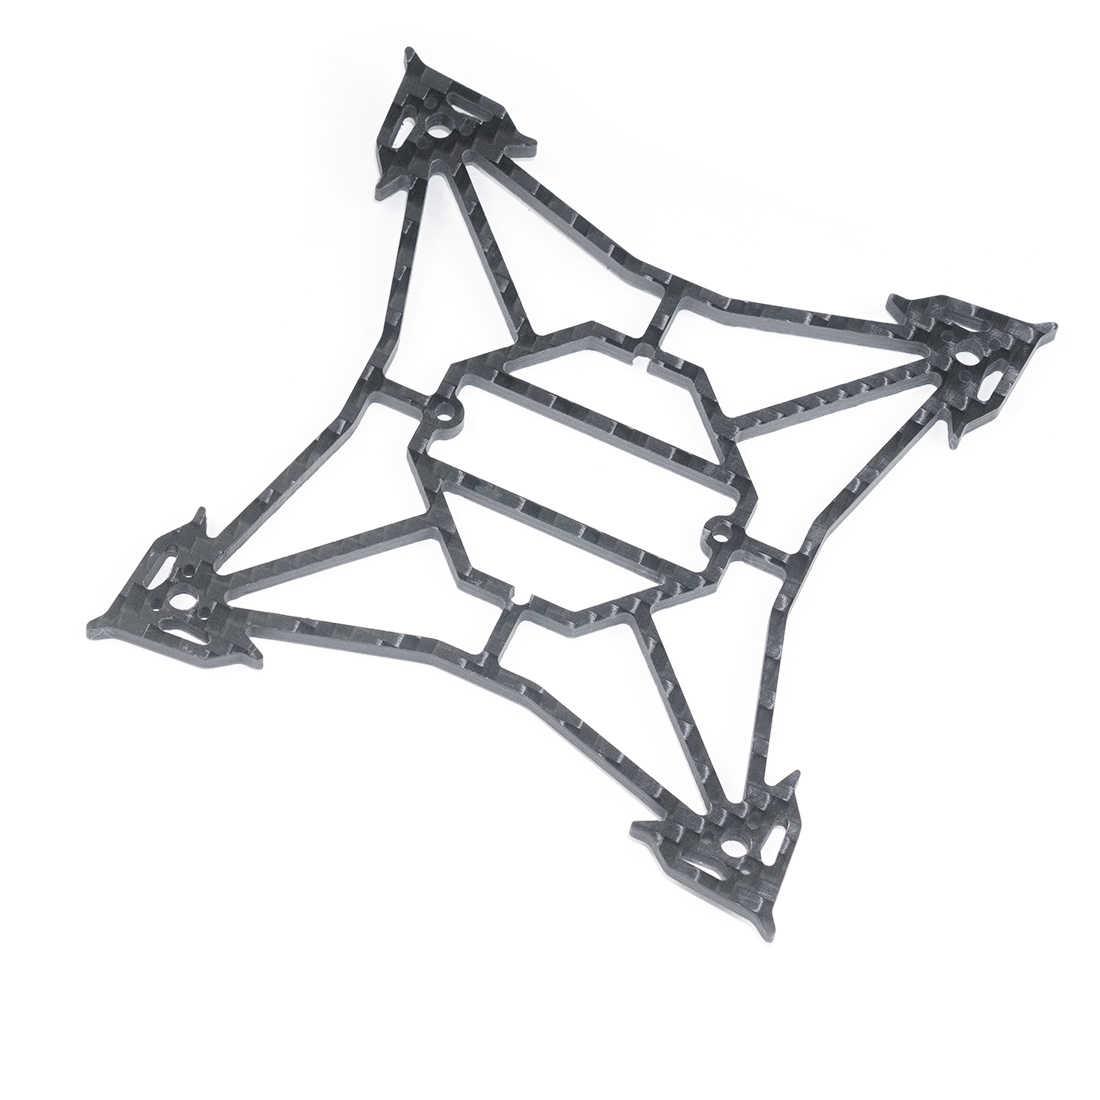 Happymodel Larva X Frame Kit 100mm Wheelbase 2-3S 2.5inch Brushless FPV Drone